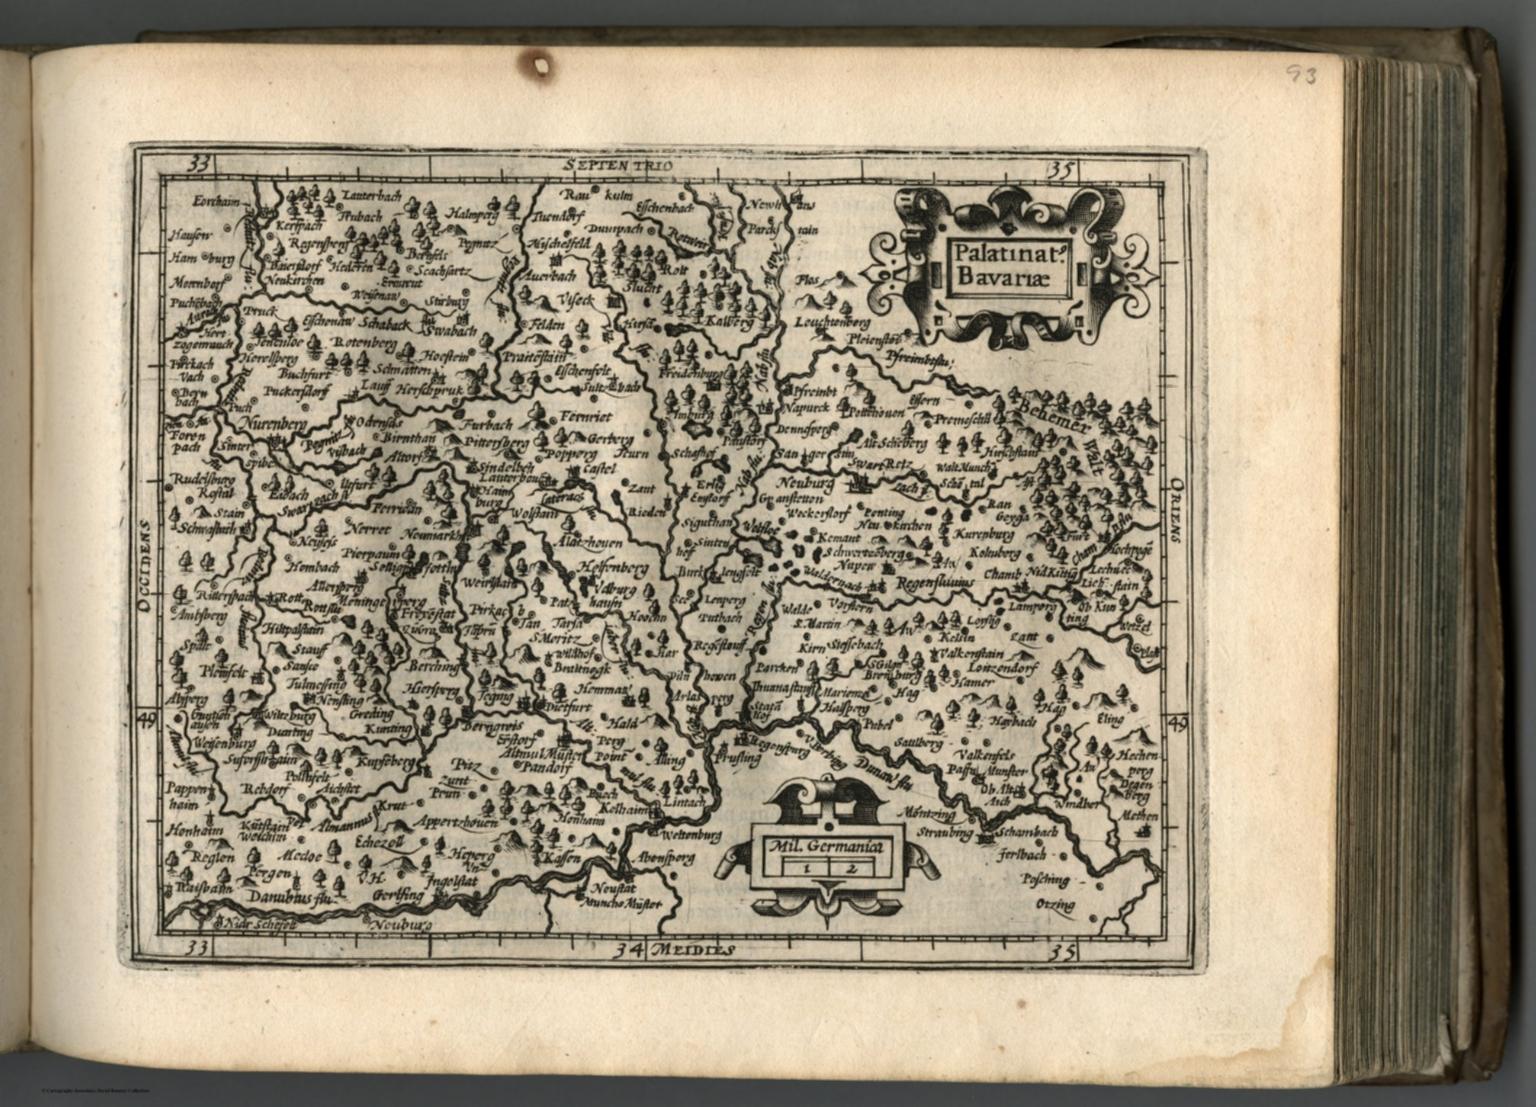 Palatinate Bavariae